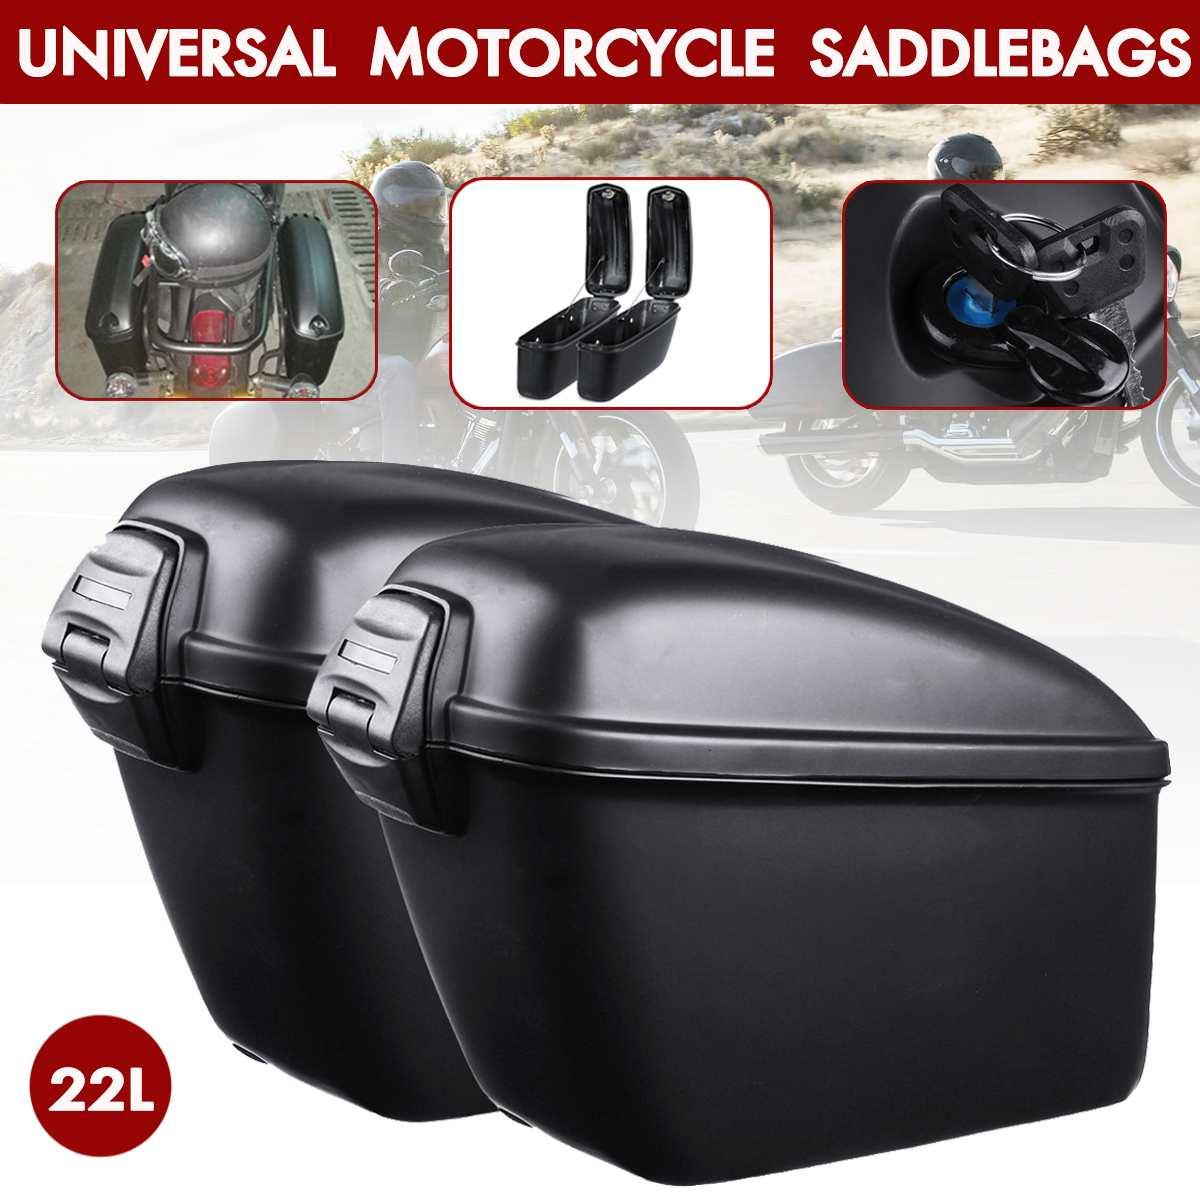 Paire sacoche de coffre arrière moto universelle 22L sacoche de selle latérale sacoches pour Harley/Suzuki/Yamaha/Honda